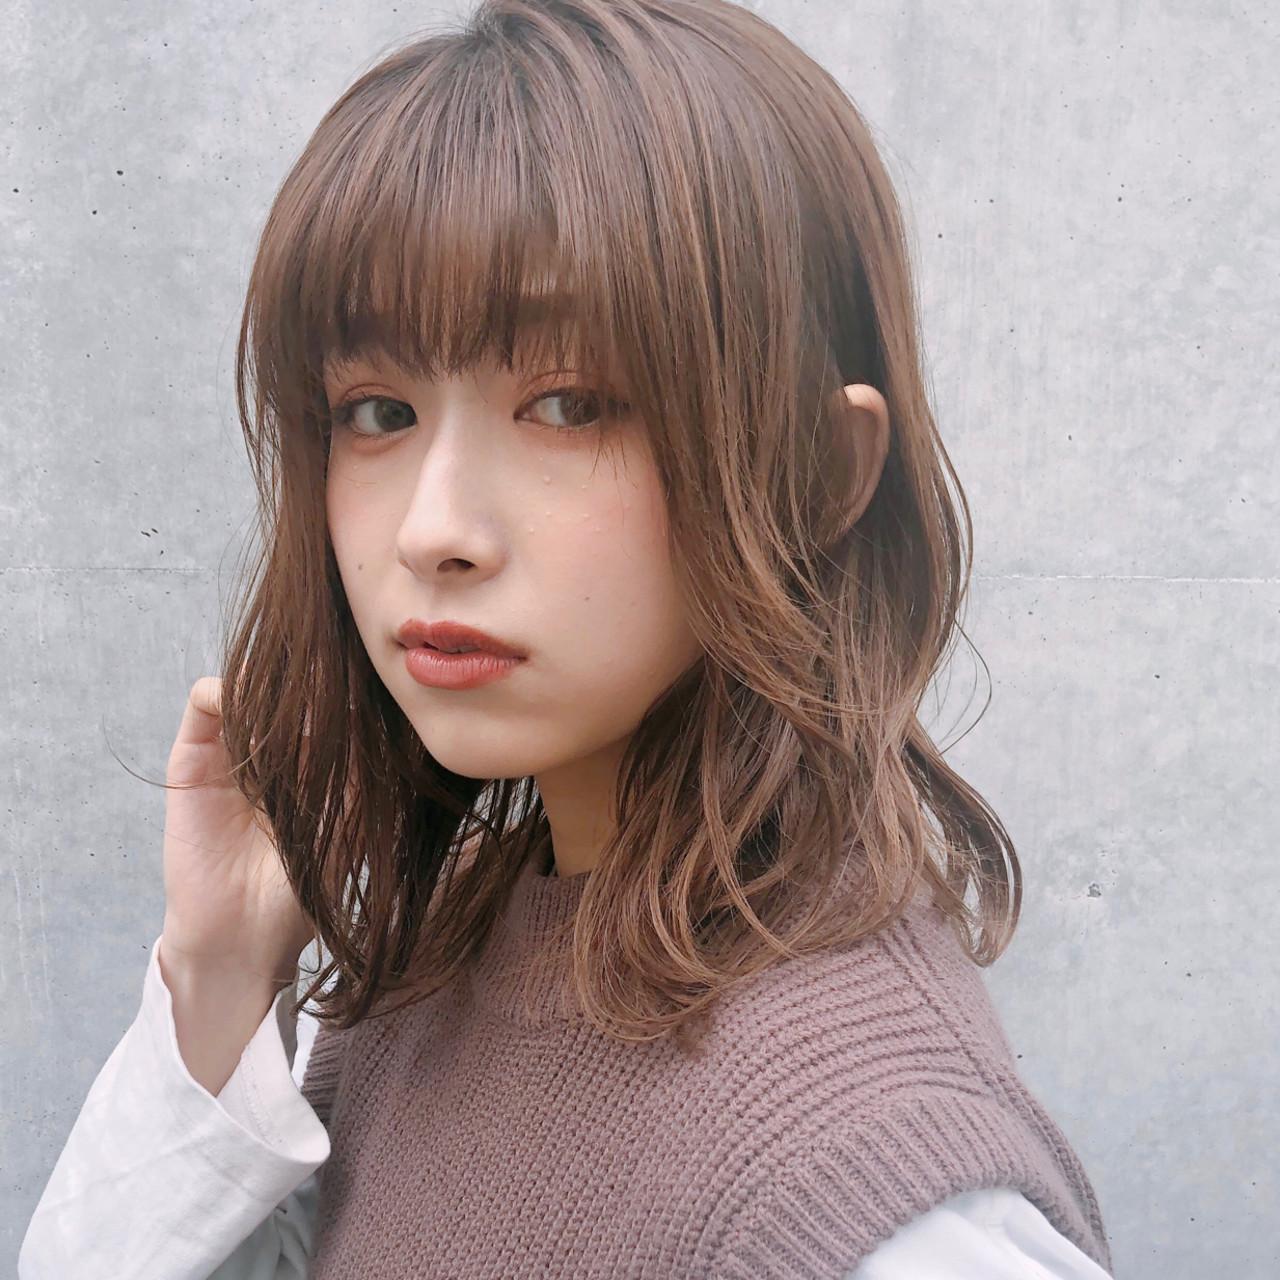 ミディアム アンニュイほつれヘア ゆるふわ 大人かわいい ヘアスタイルや髪型の写真・画像